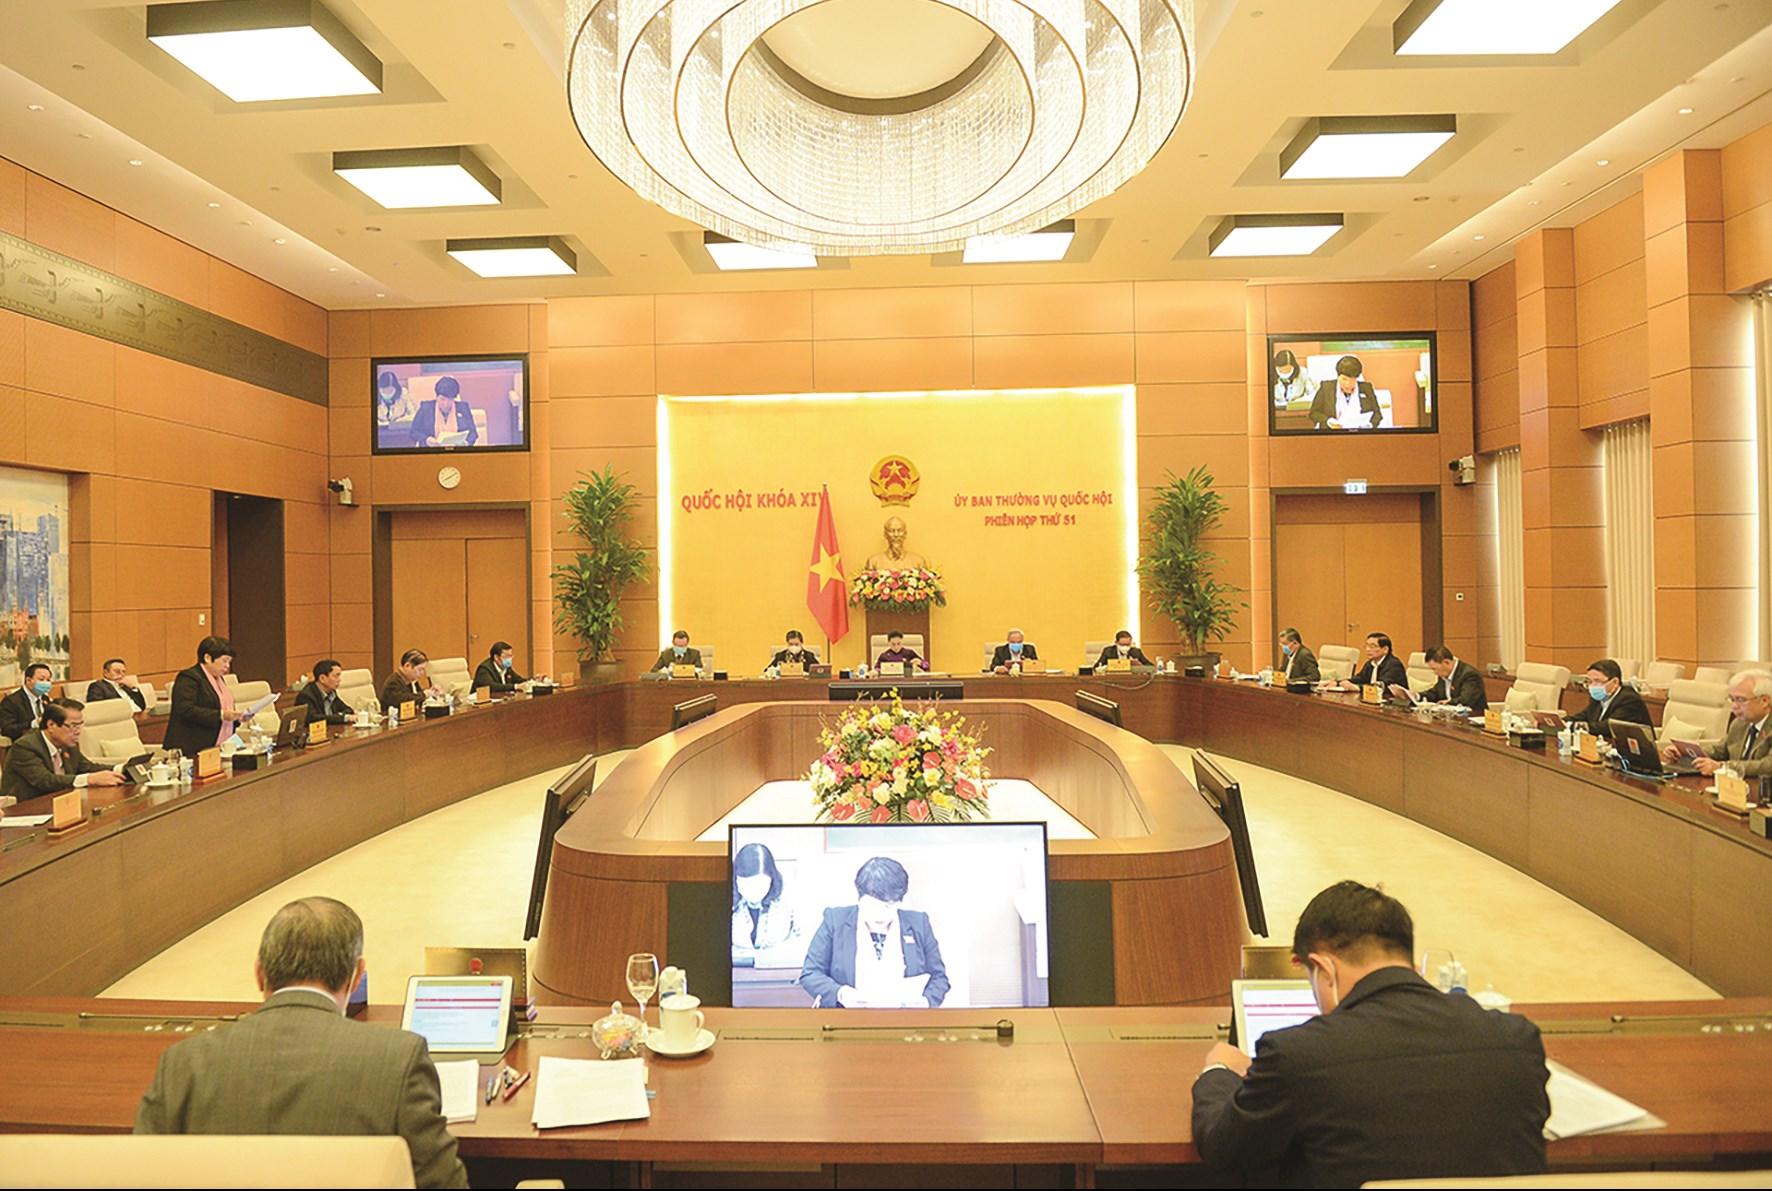 Toàn cảnh Phiên họp thứ 51 của Ủy ban Thường vụ Quốc hội sáng 9/12/2020 nghe báo cáo về việc tiếp thu, giải trình và chỉnh lý dự án Luật Phòng, chống ma túy (sửa đổi)